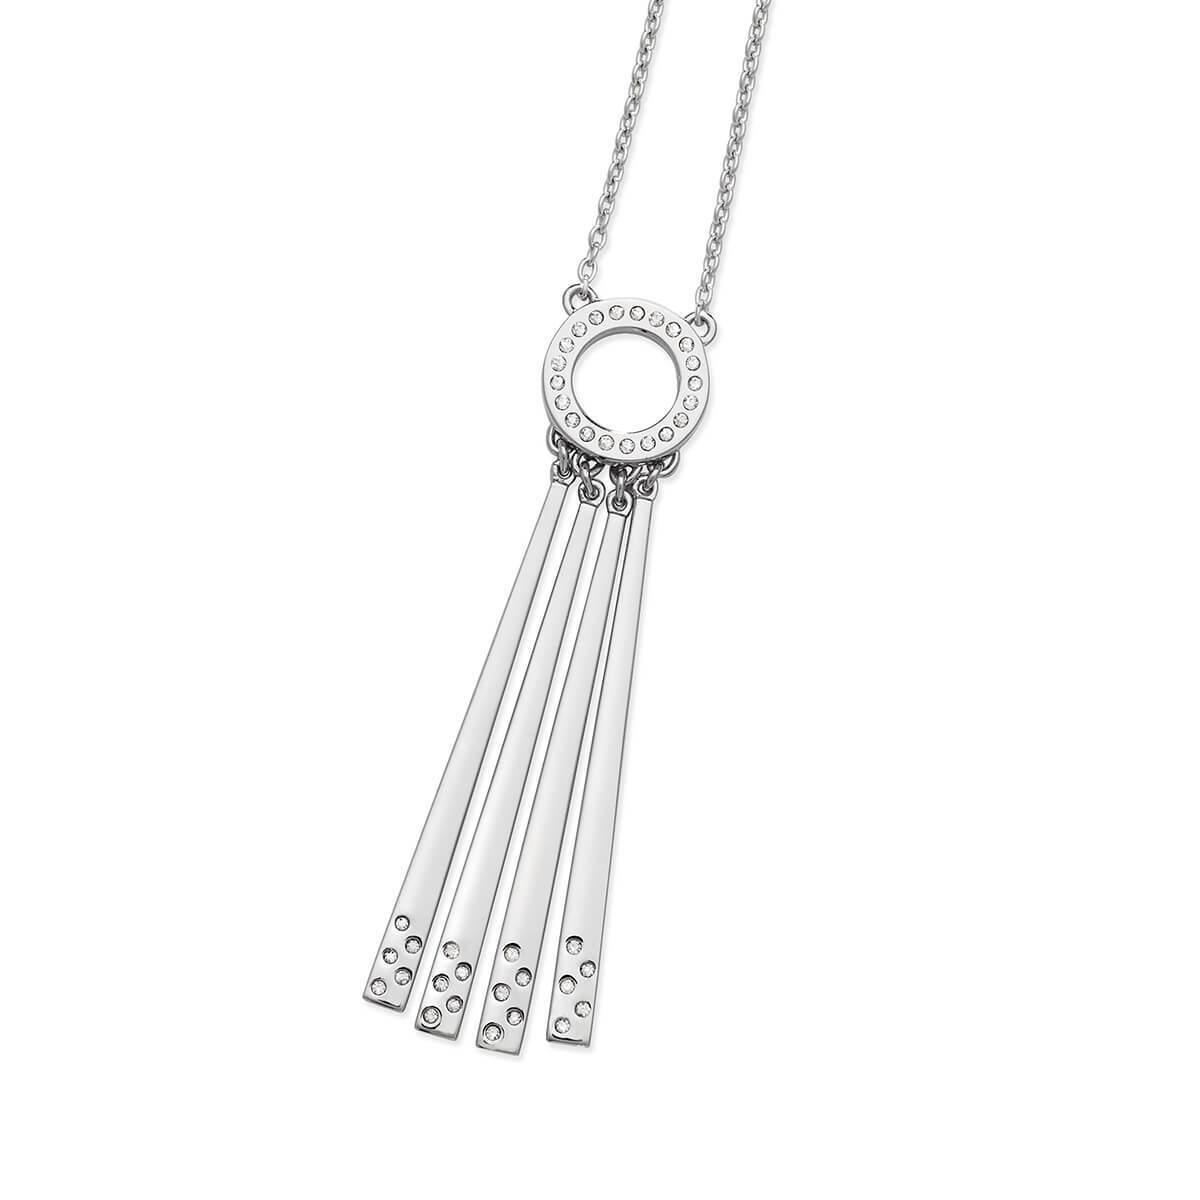 Lucy Quartermaine 1 Drop Necklace Silver 3QZTKv4v